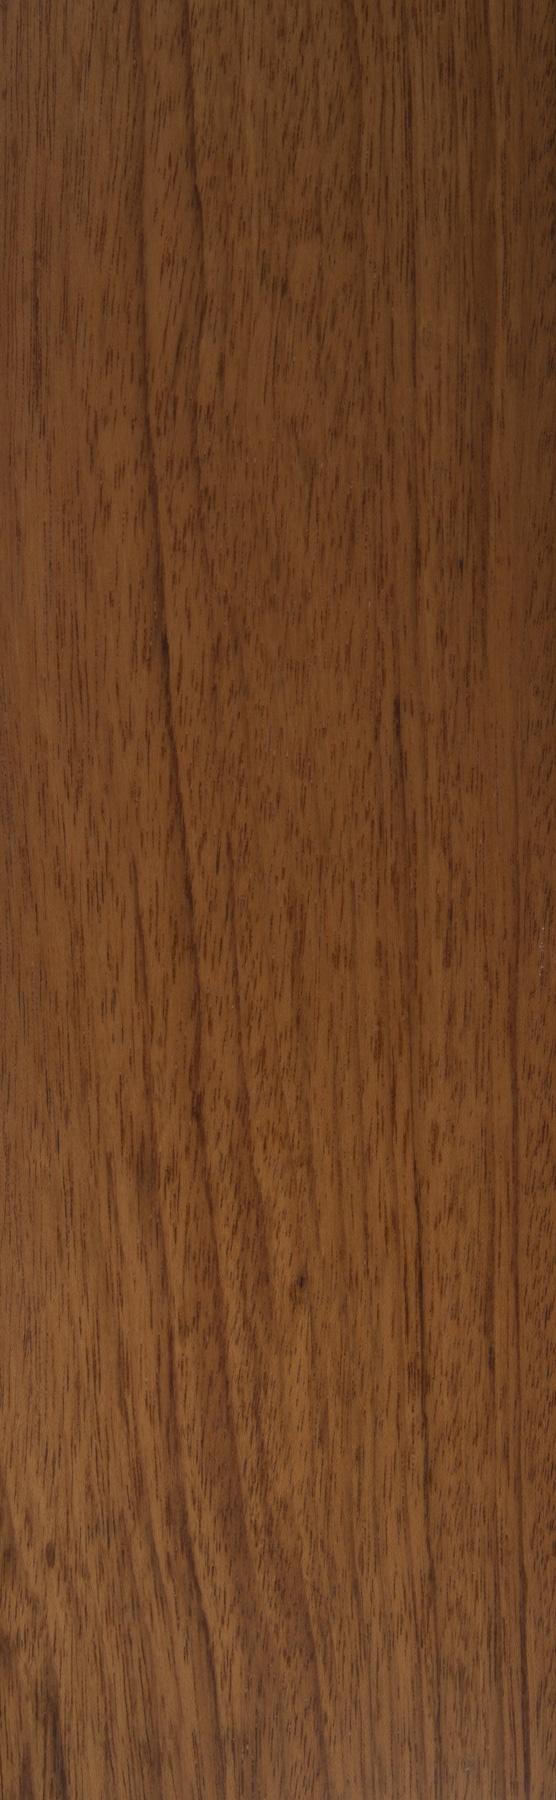 maderas-terramont-loft-life-jatoba